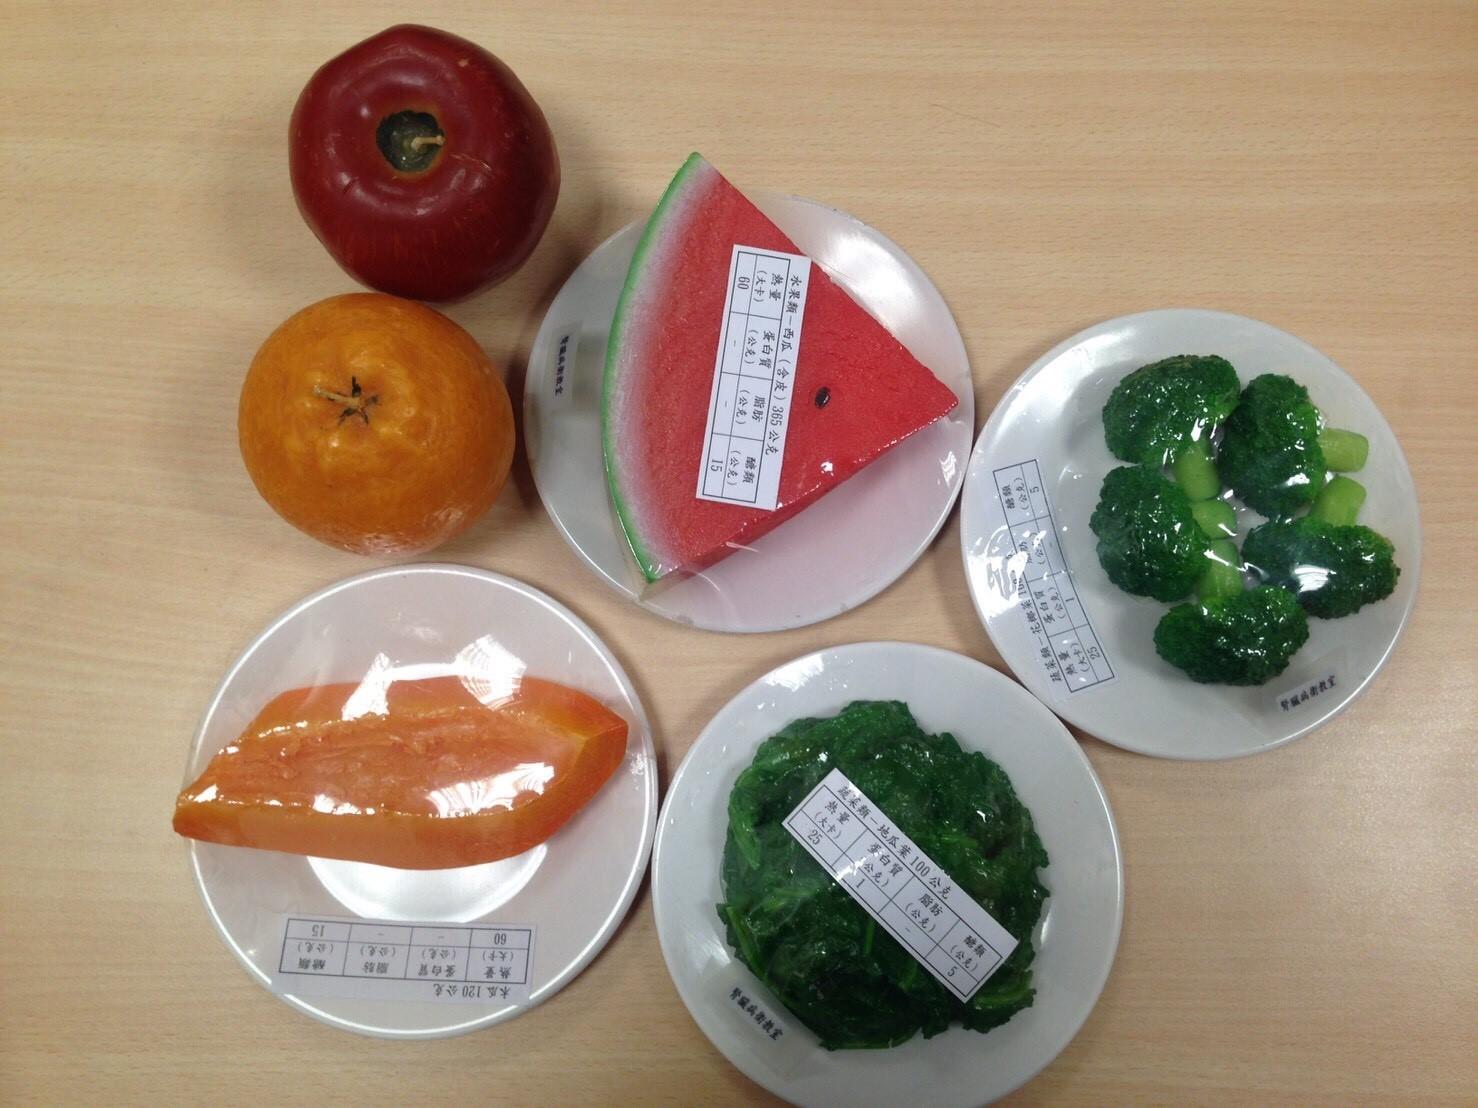 水楊酸通常存在於蔬菜水果中,是一種天然的防腐劑,但也有可能是一種過敏原。攝影/許毓珊